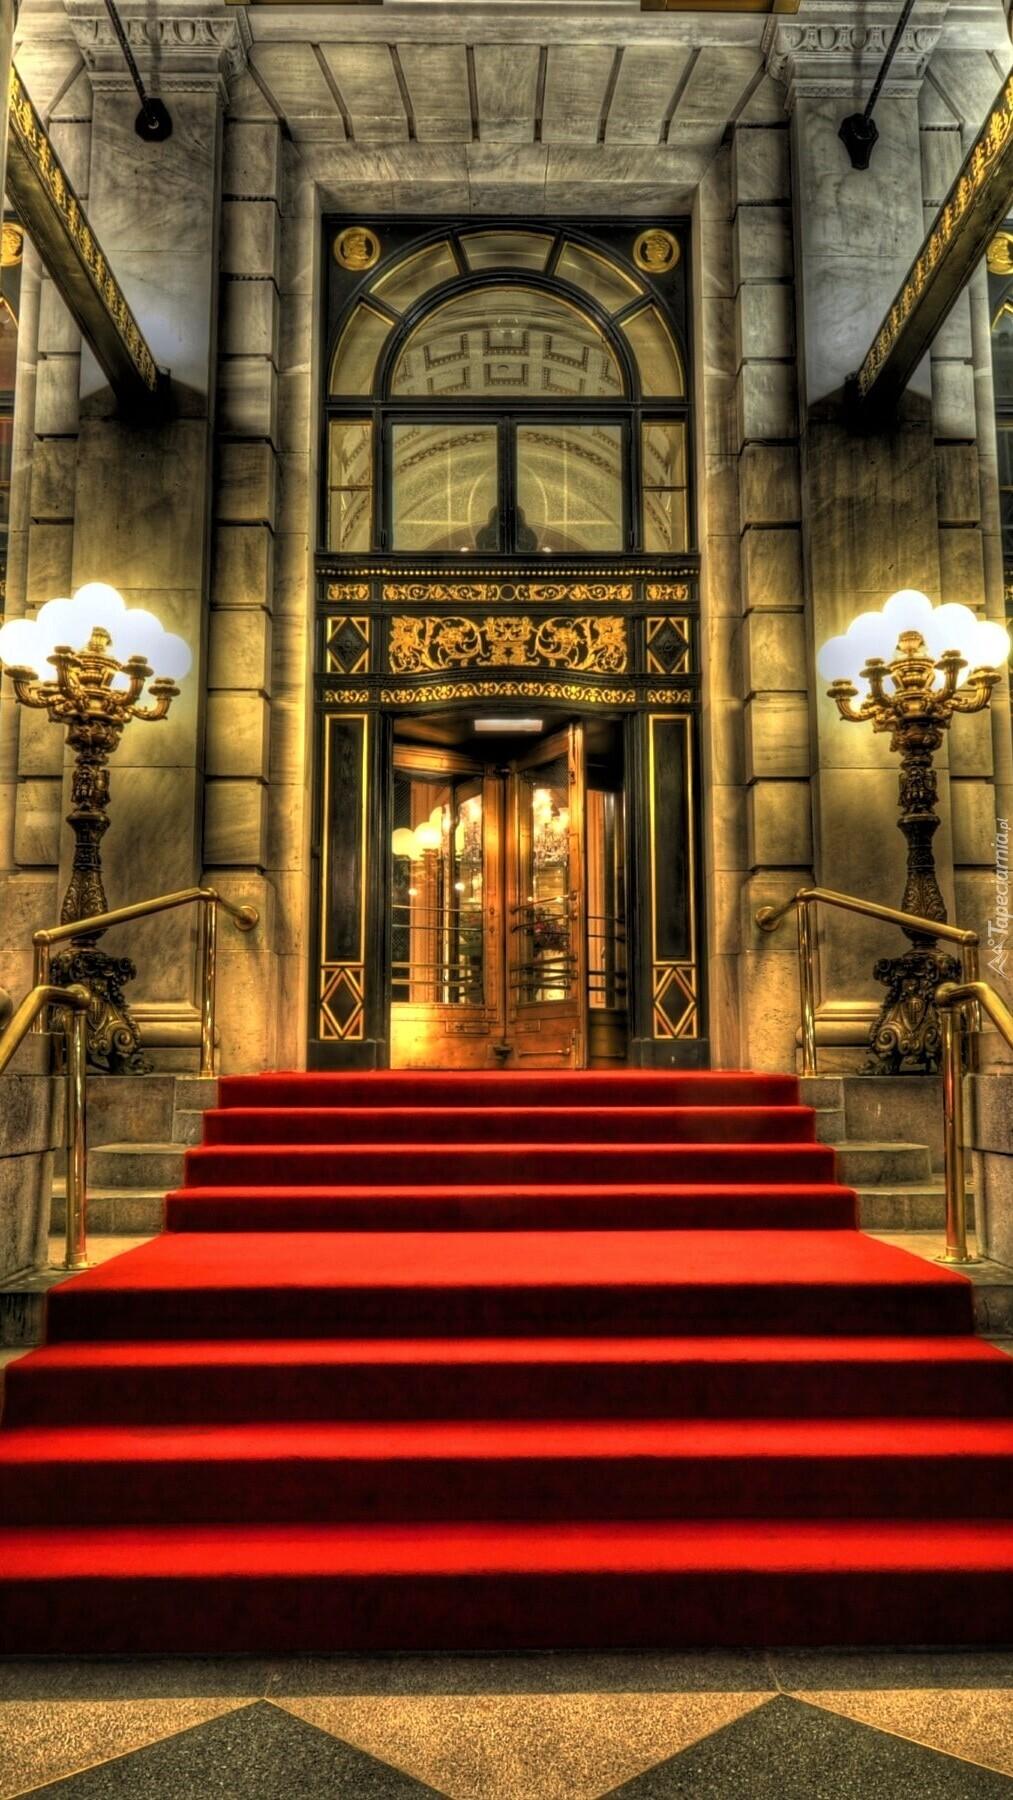 Wejście do hotelu Plaza w Nowym Jorku